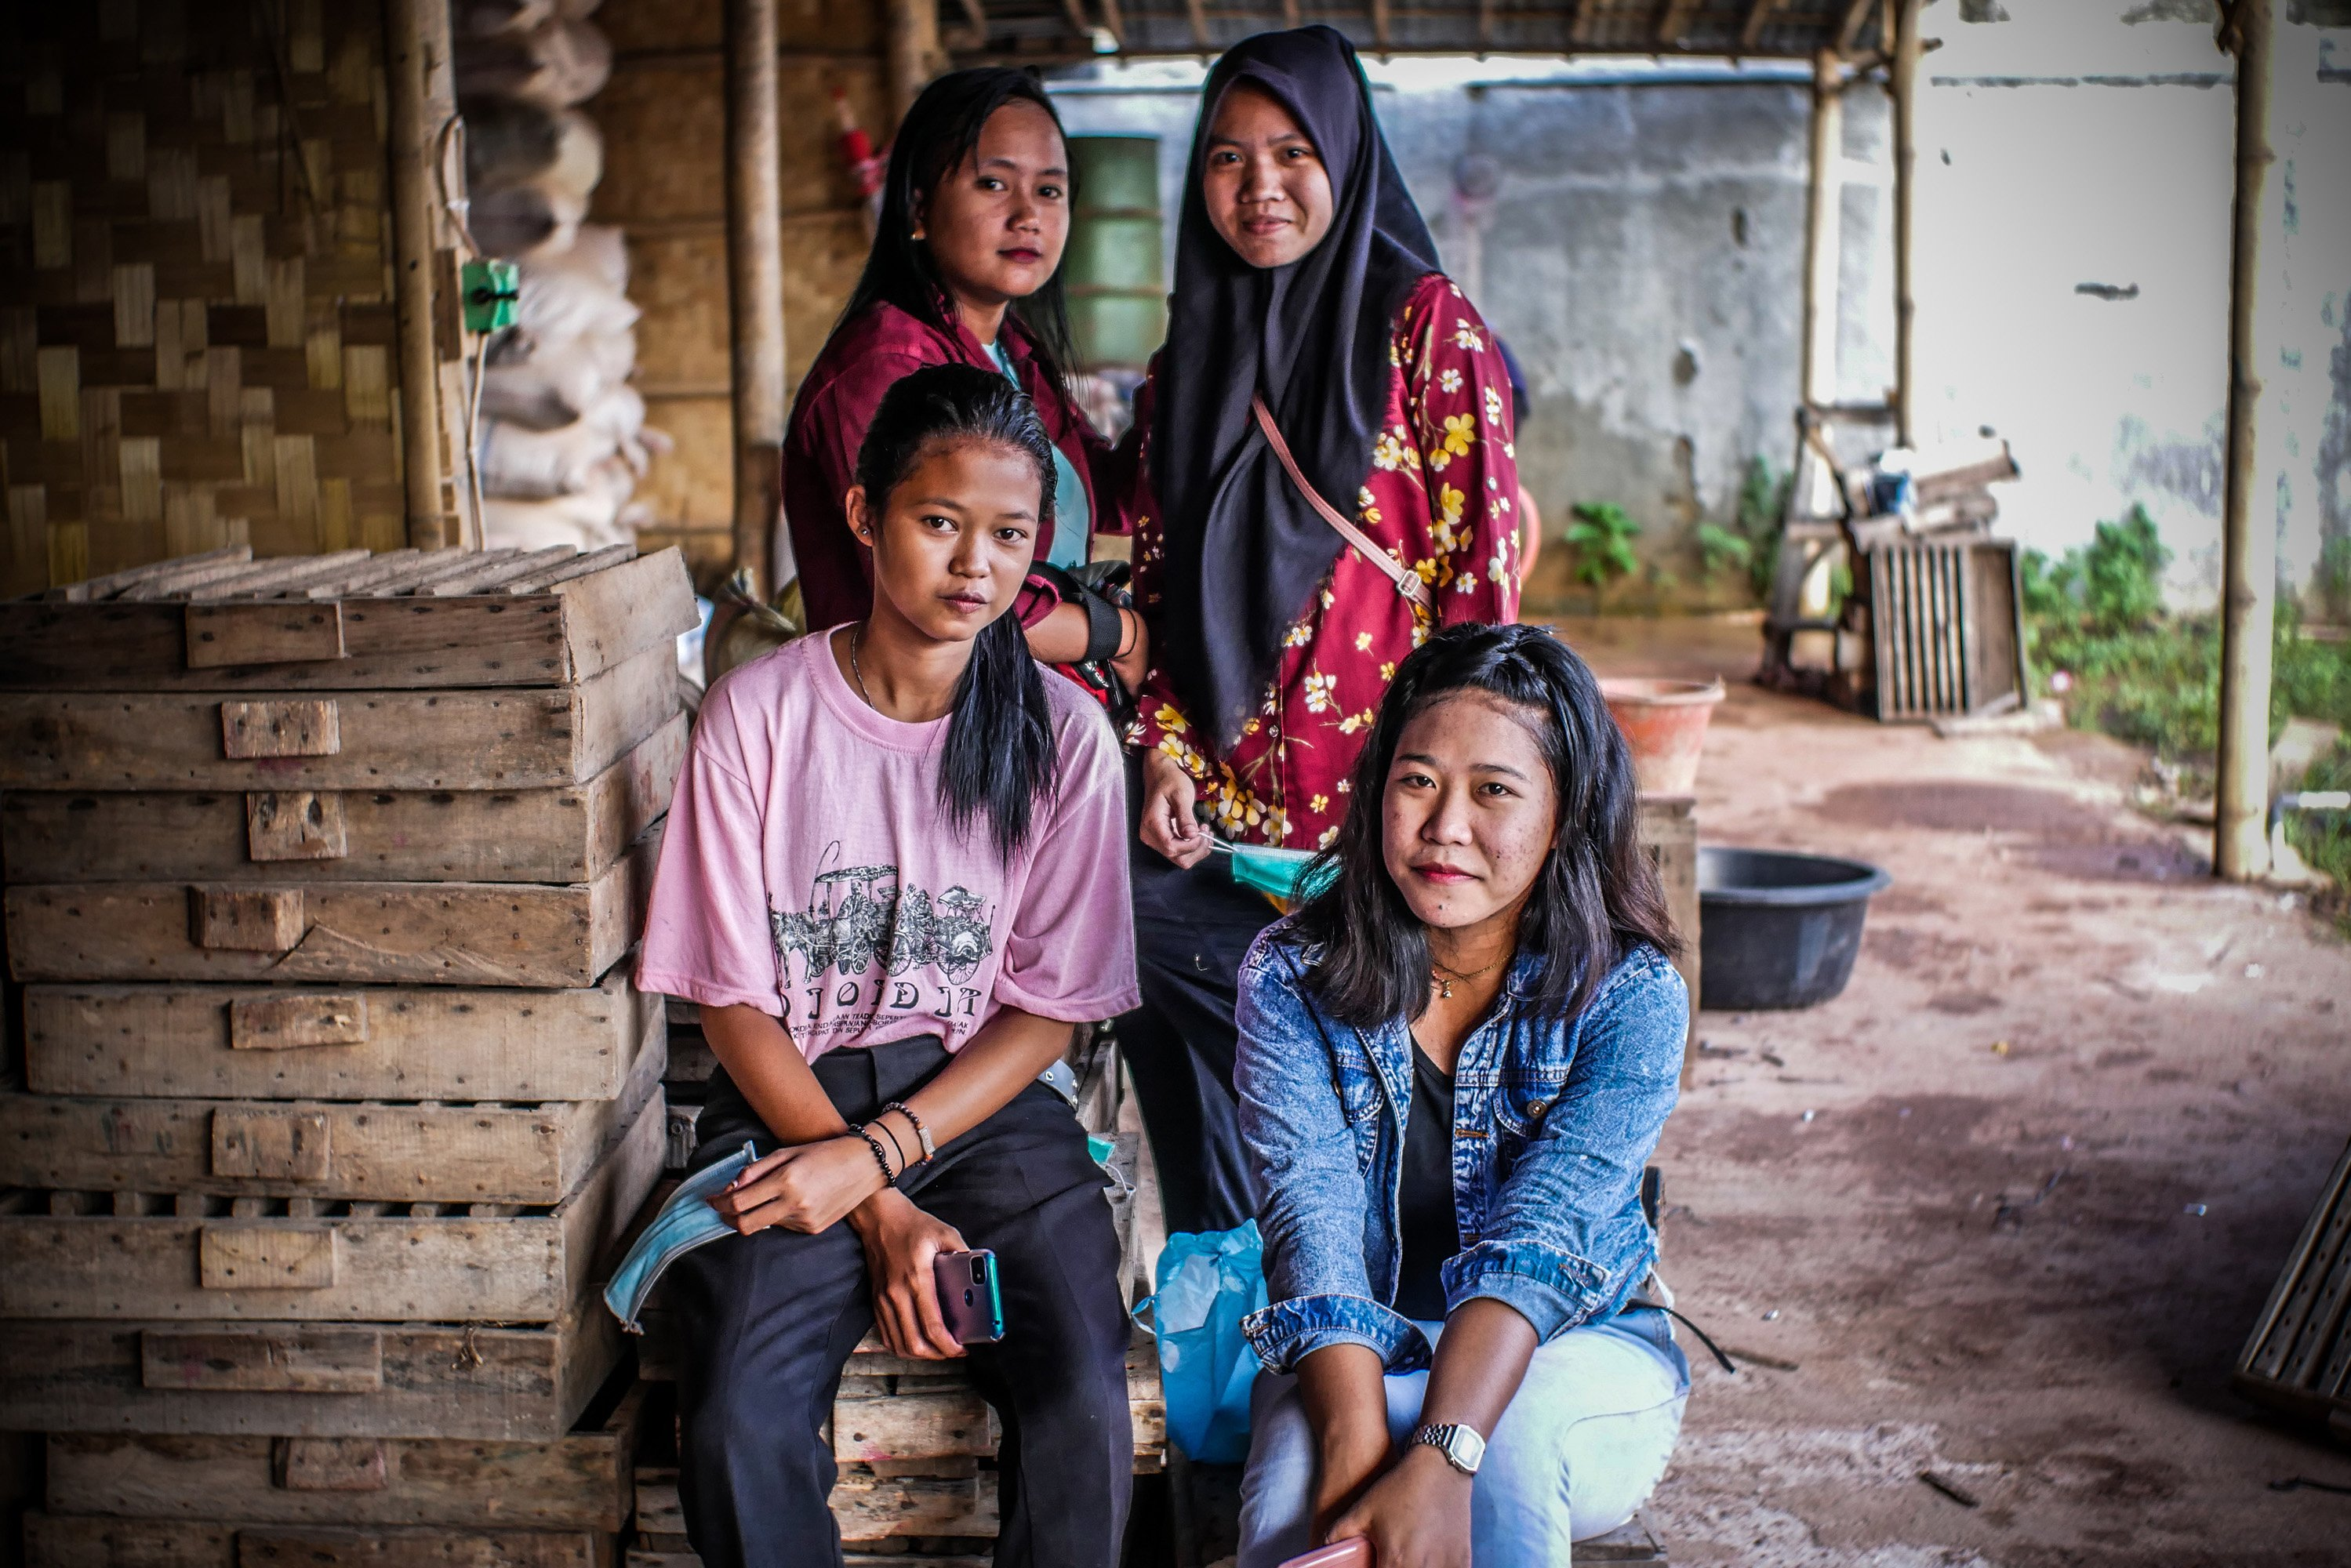 Potret Pekerja pembuat hio di Industri Hio Rumahan Koh Ase, Kosambi, Kabupaten Tangerang, Banten.